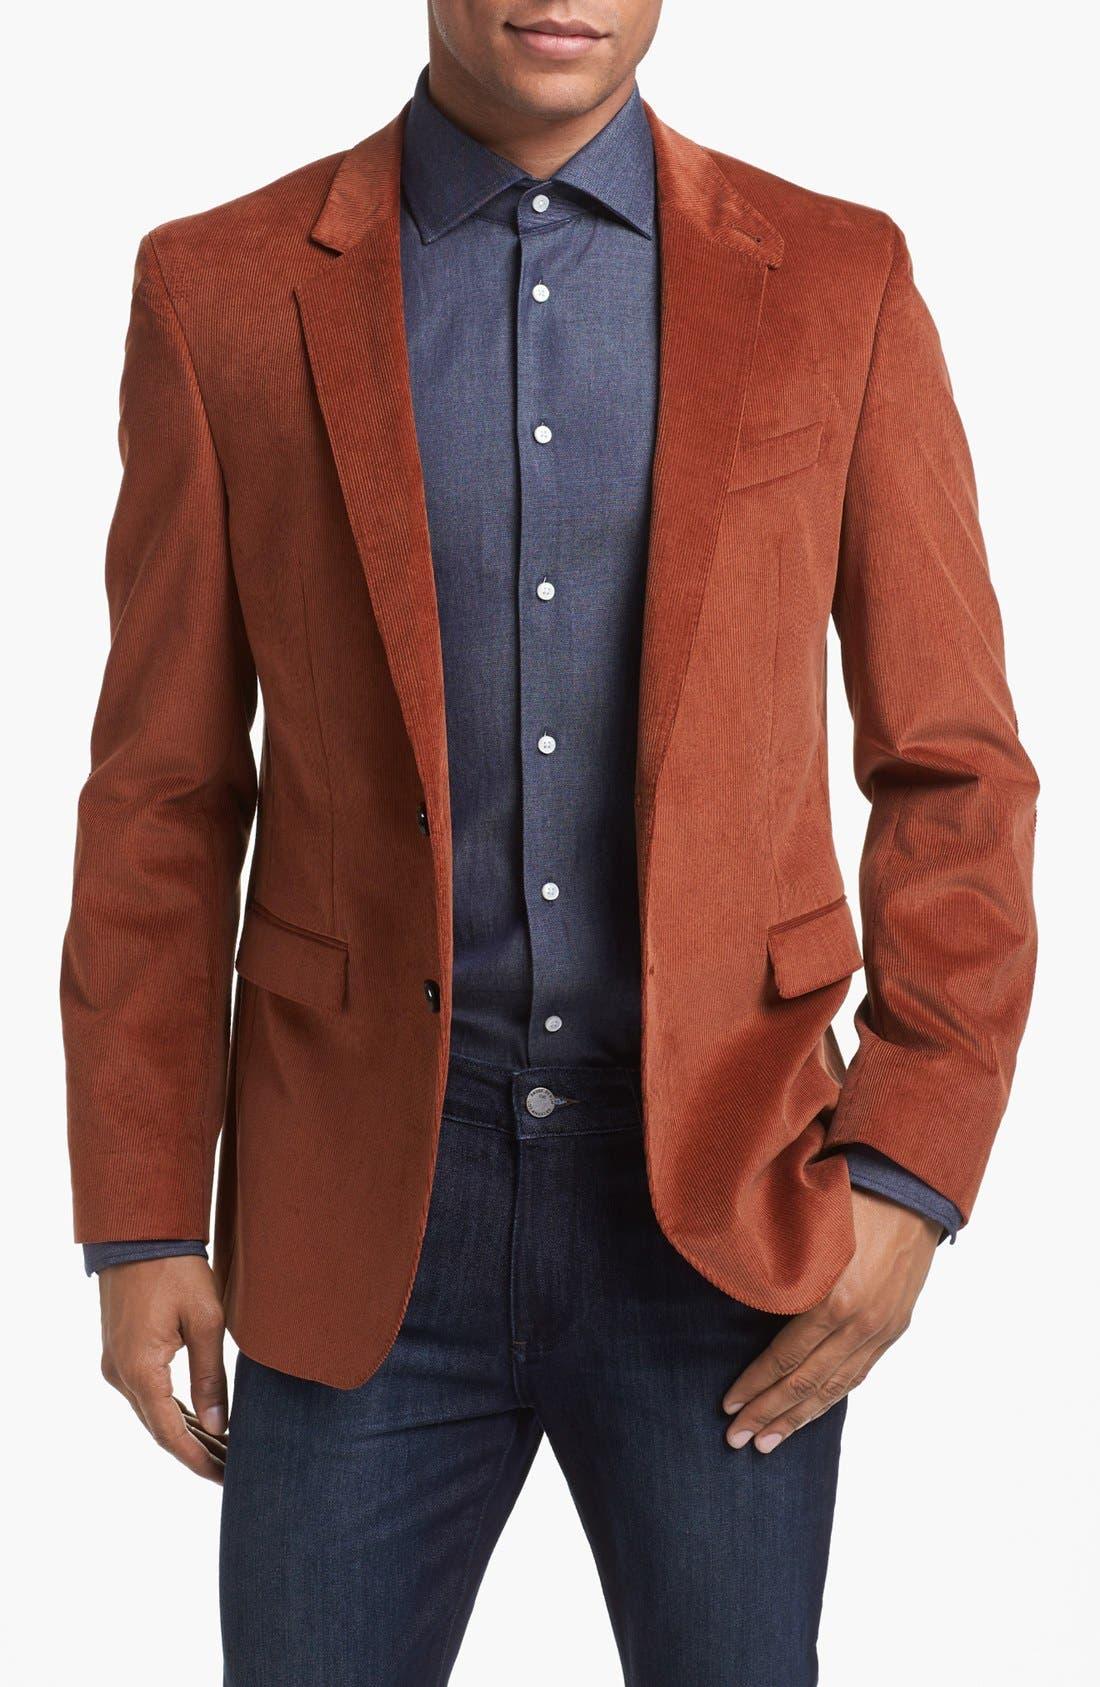 Alternate Image 1 Selected - BOSS HUGO BOSS 'Rhett' Extra Trim Fit Blazer